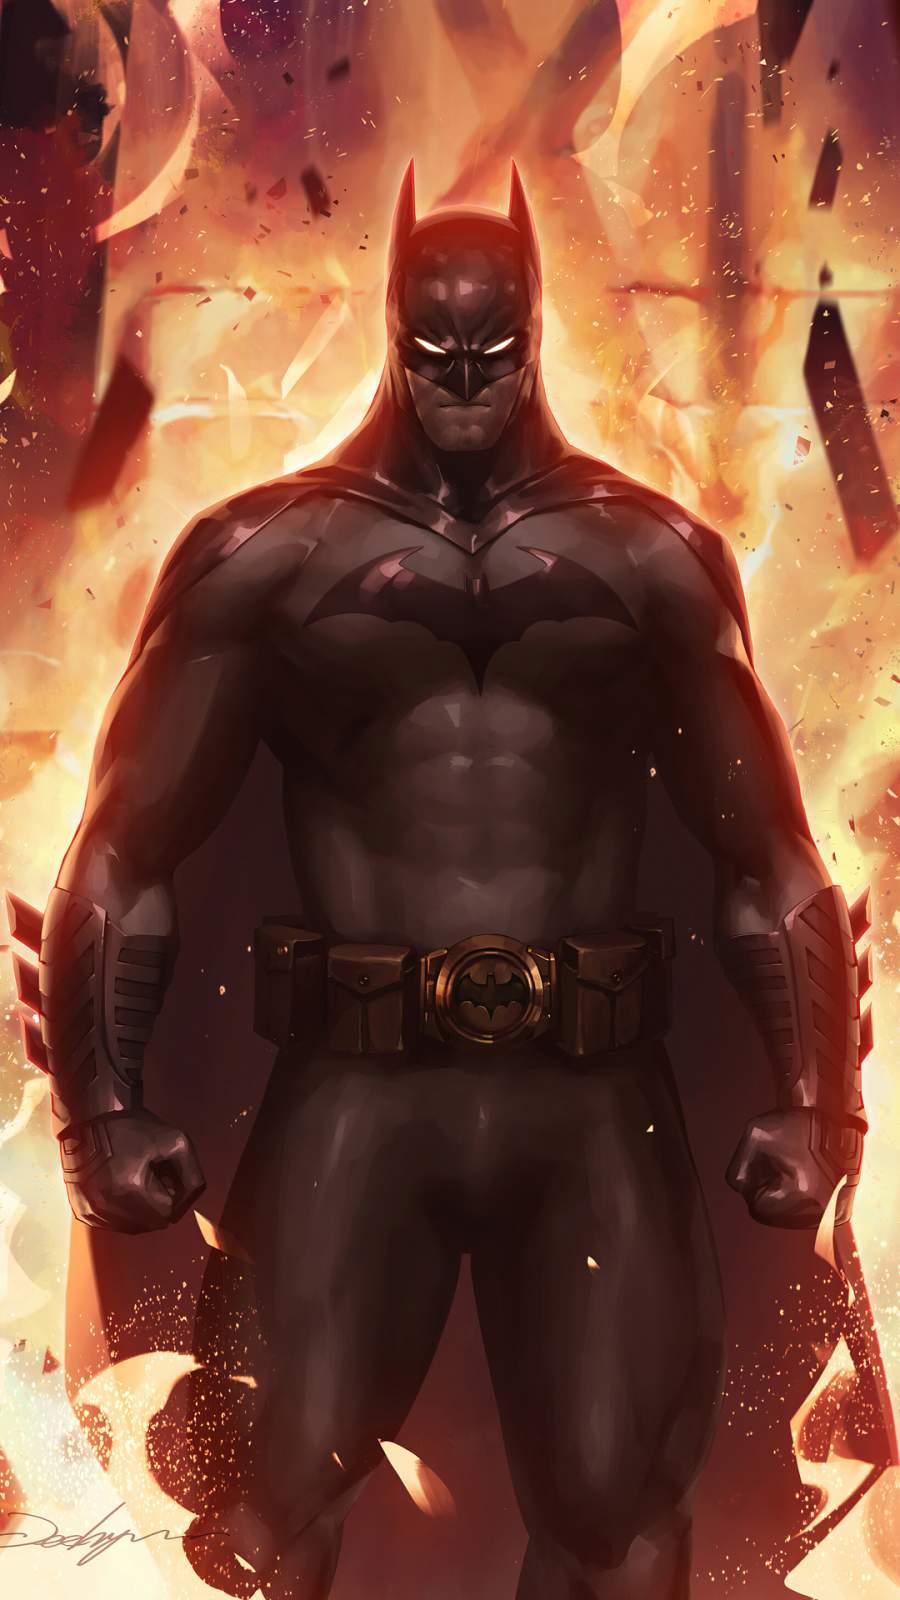 Batman Fire iPhone Wallpaper